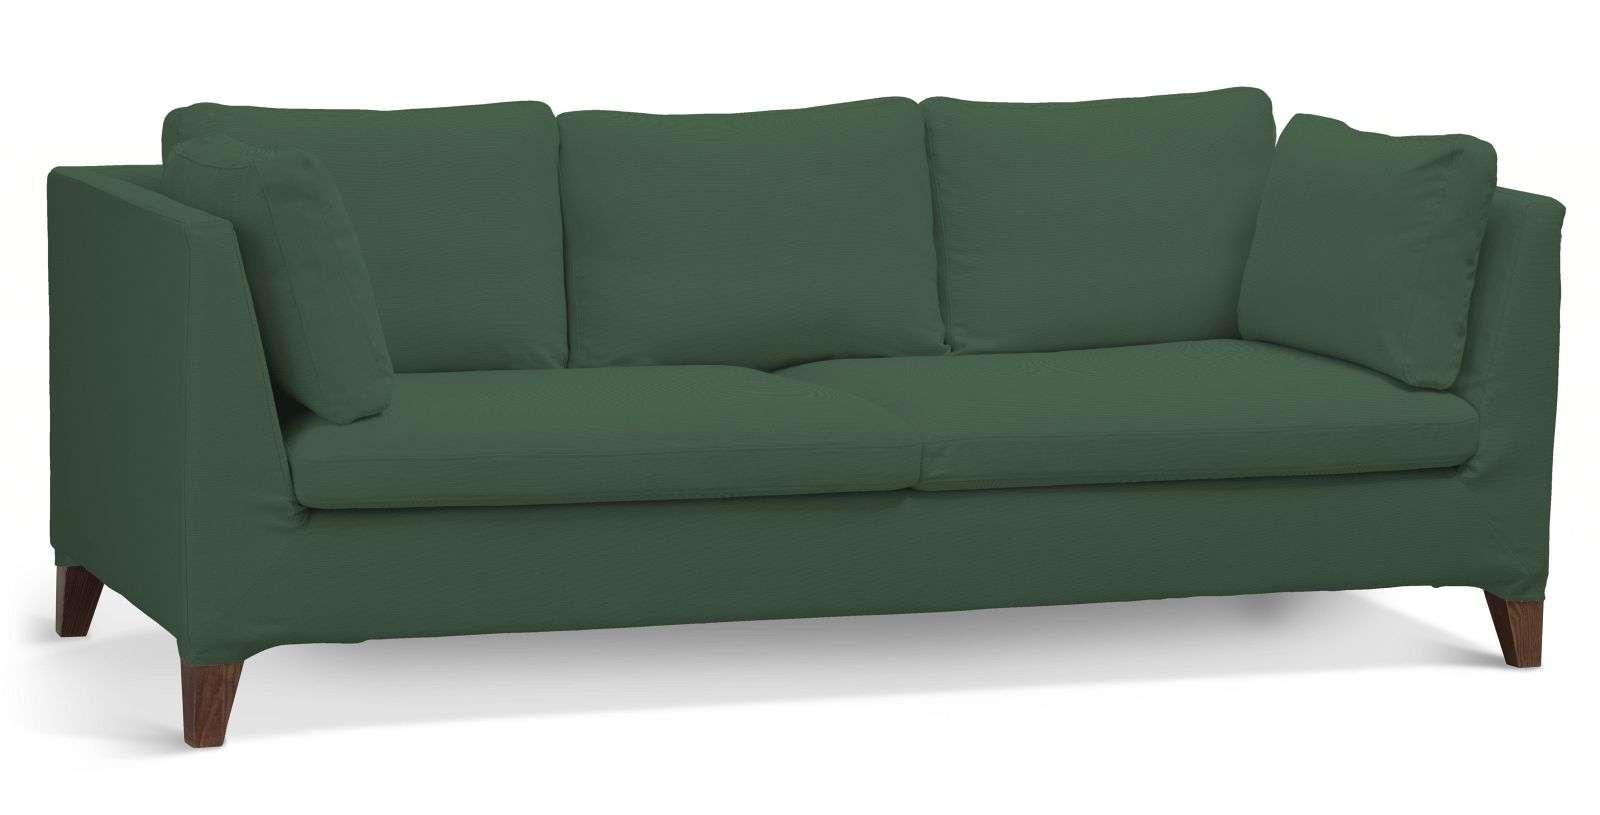 Pokrowiec na sofę Stockholm 3-osobową sofa Stockholm 3-osobowa w kolekcji Cotton Panama, tkanina: 702-06